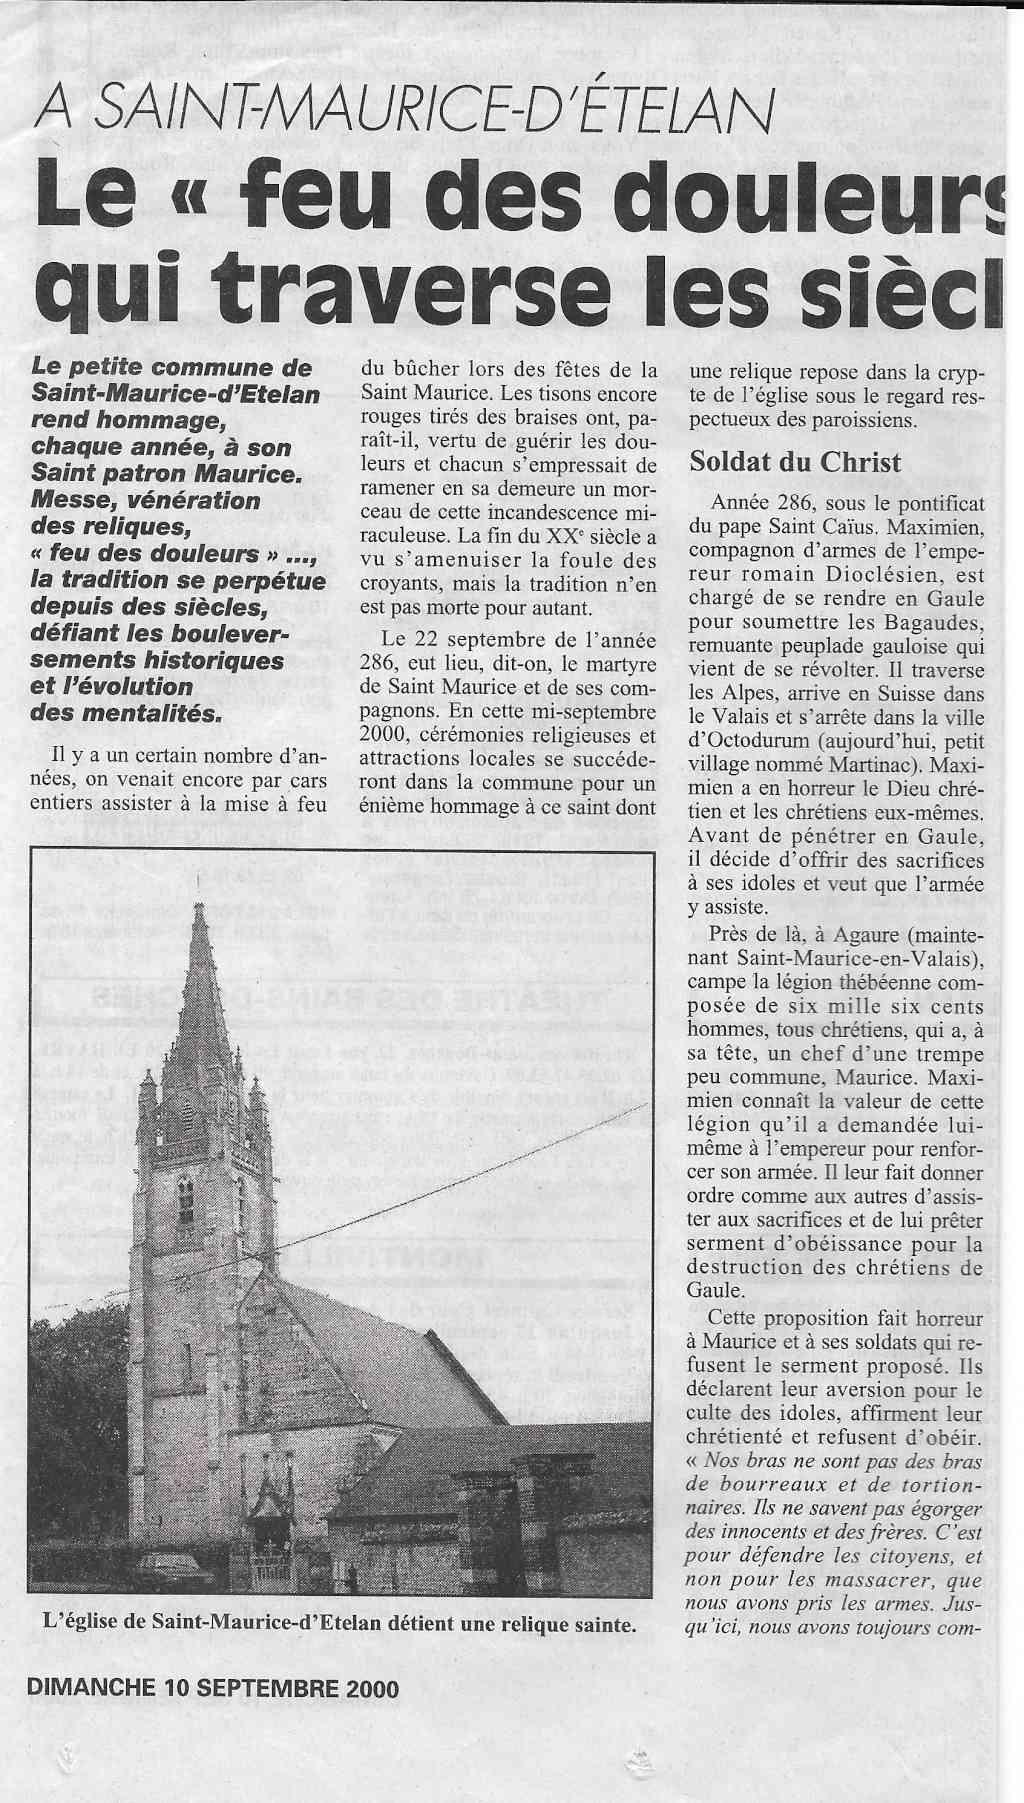 Histoire des communes - Saint-Maurice-d'Etelan 112